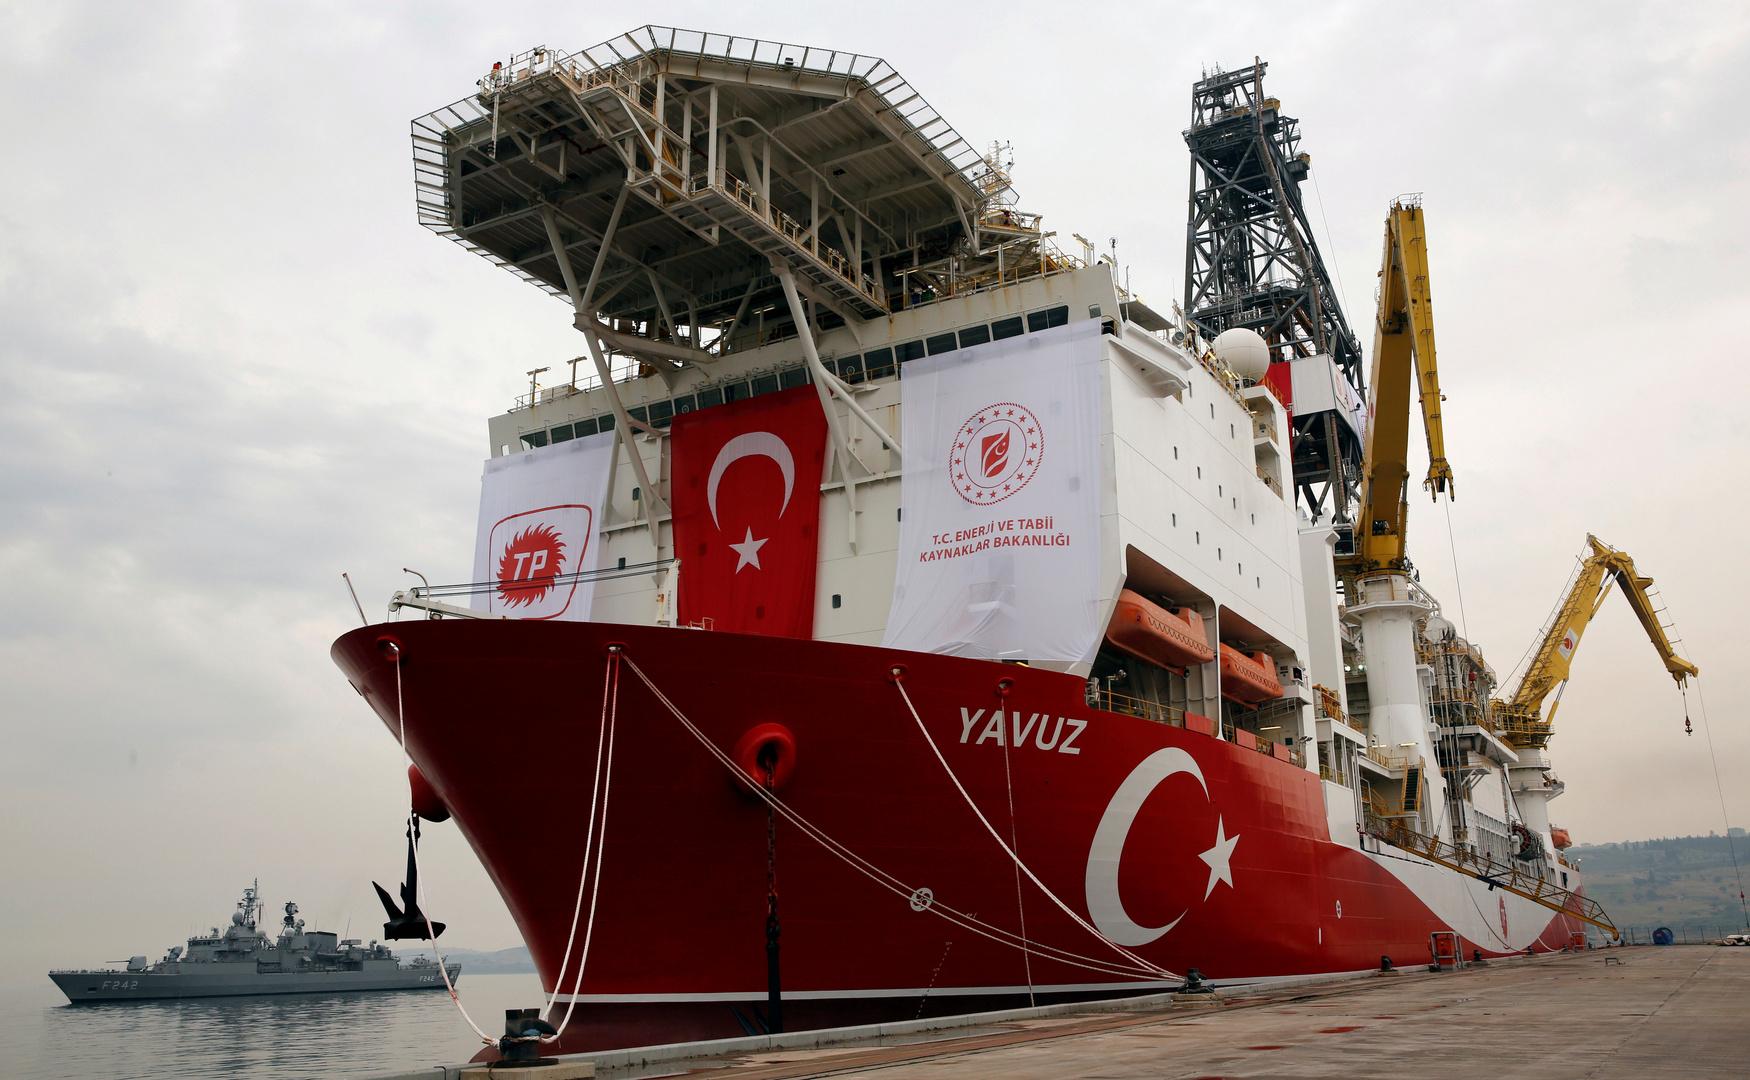 تركيا تبدأ أول عملية تنقيب في حقل طاقة بالبحر الأسود